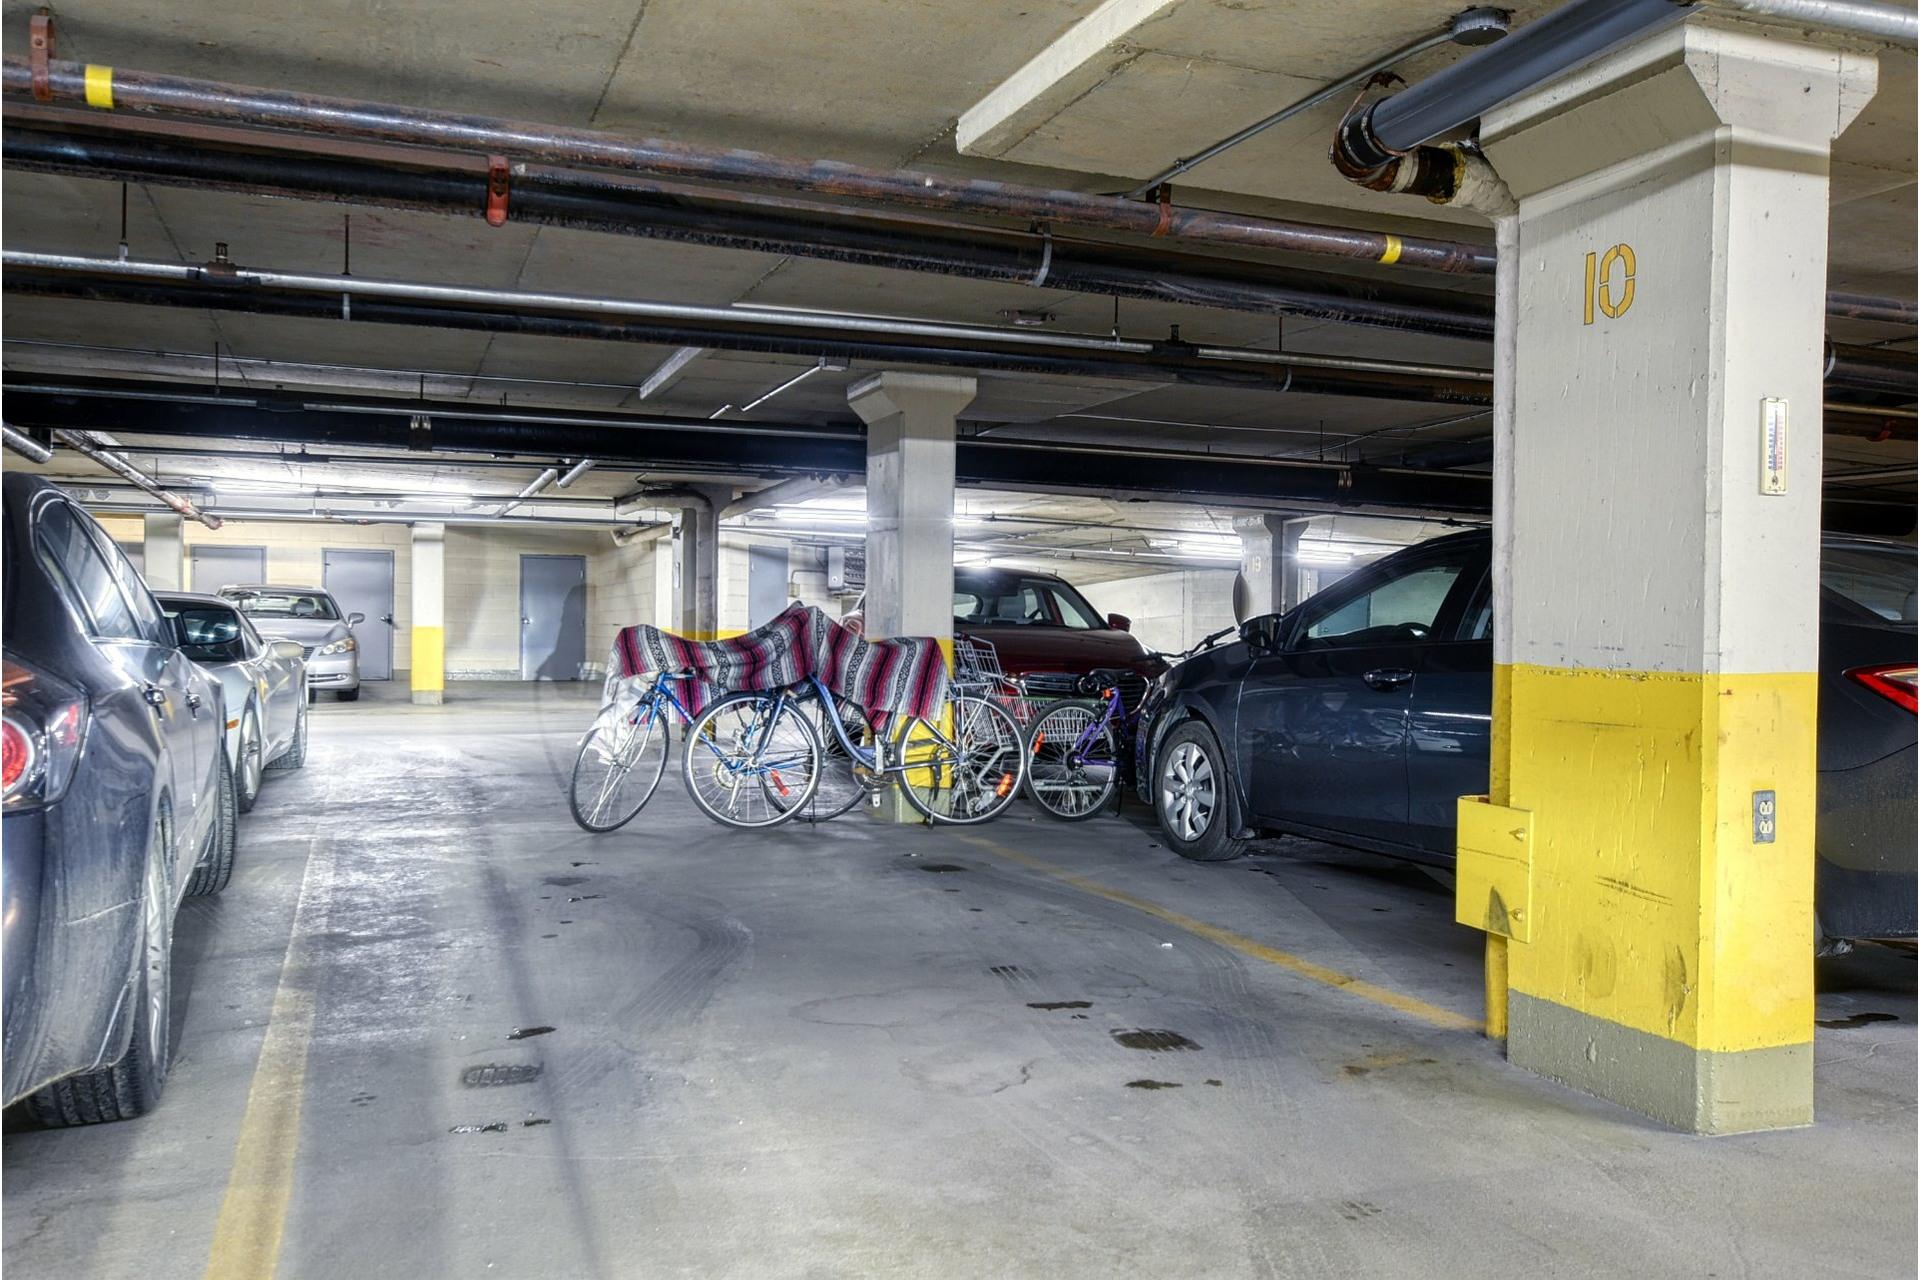 image 16 - Appartement À louer Montréal-Nord Montréal  - 4 pièces